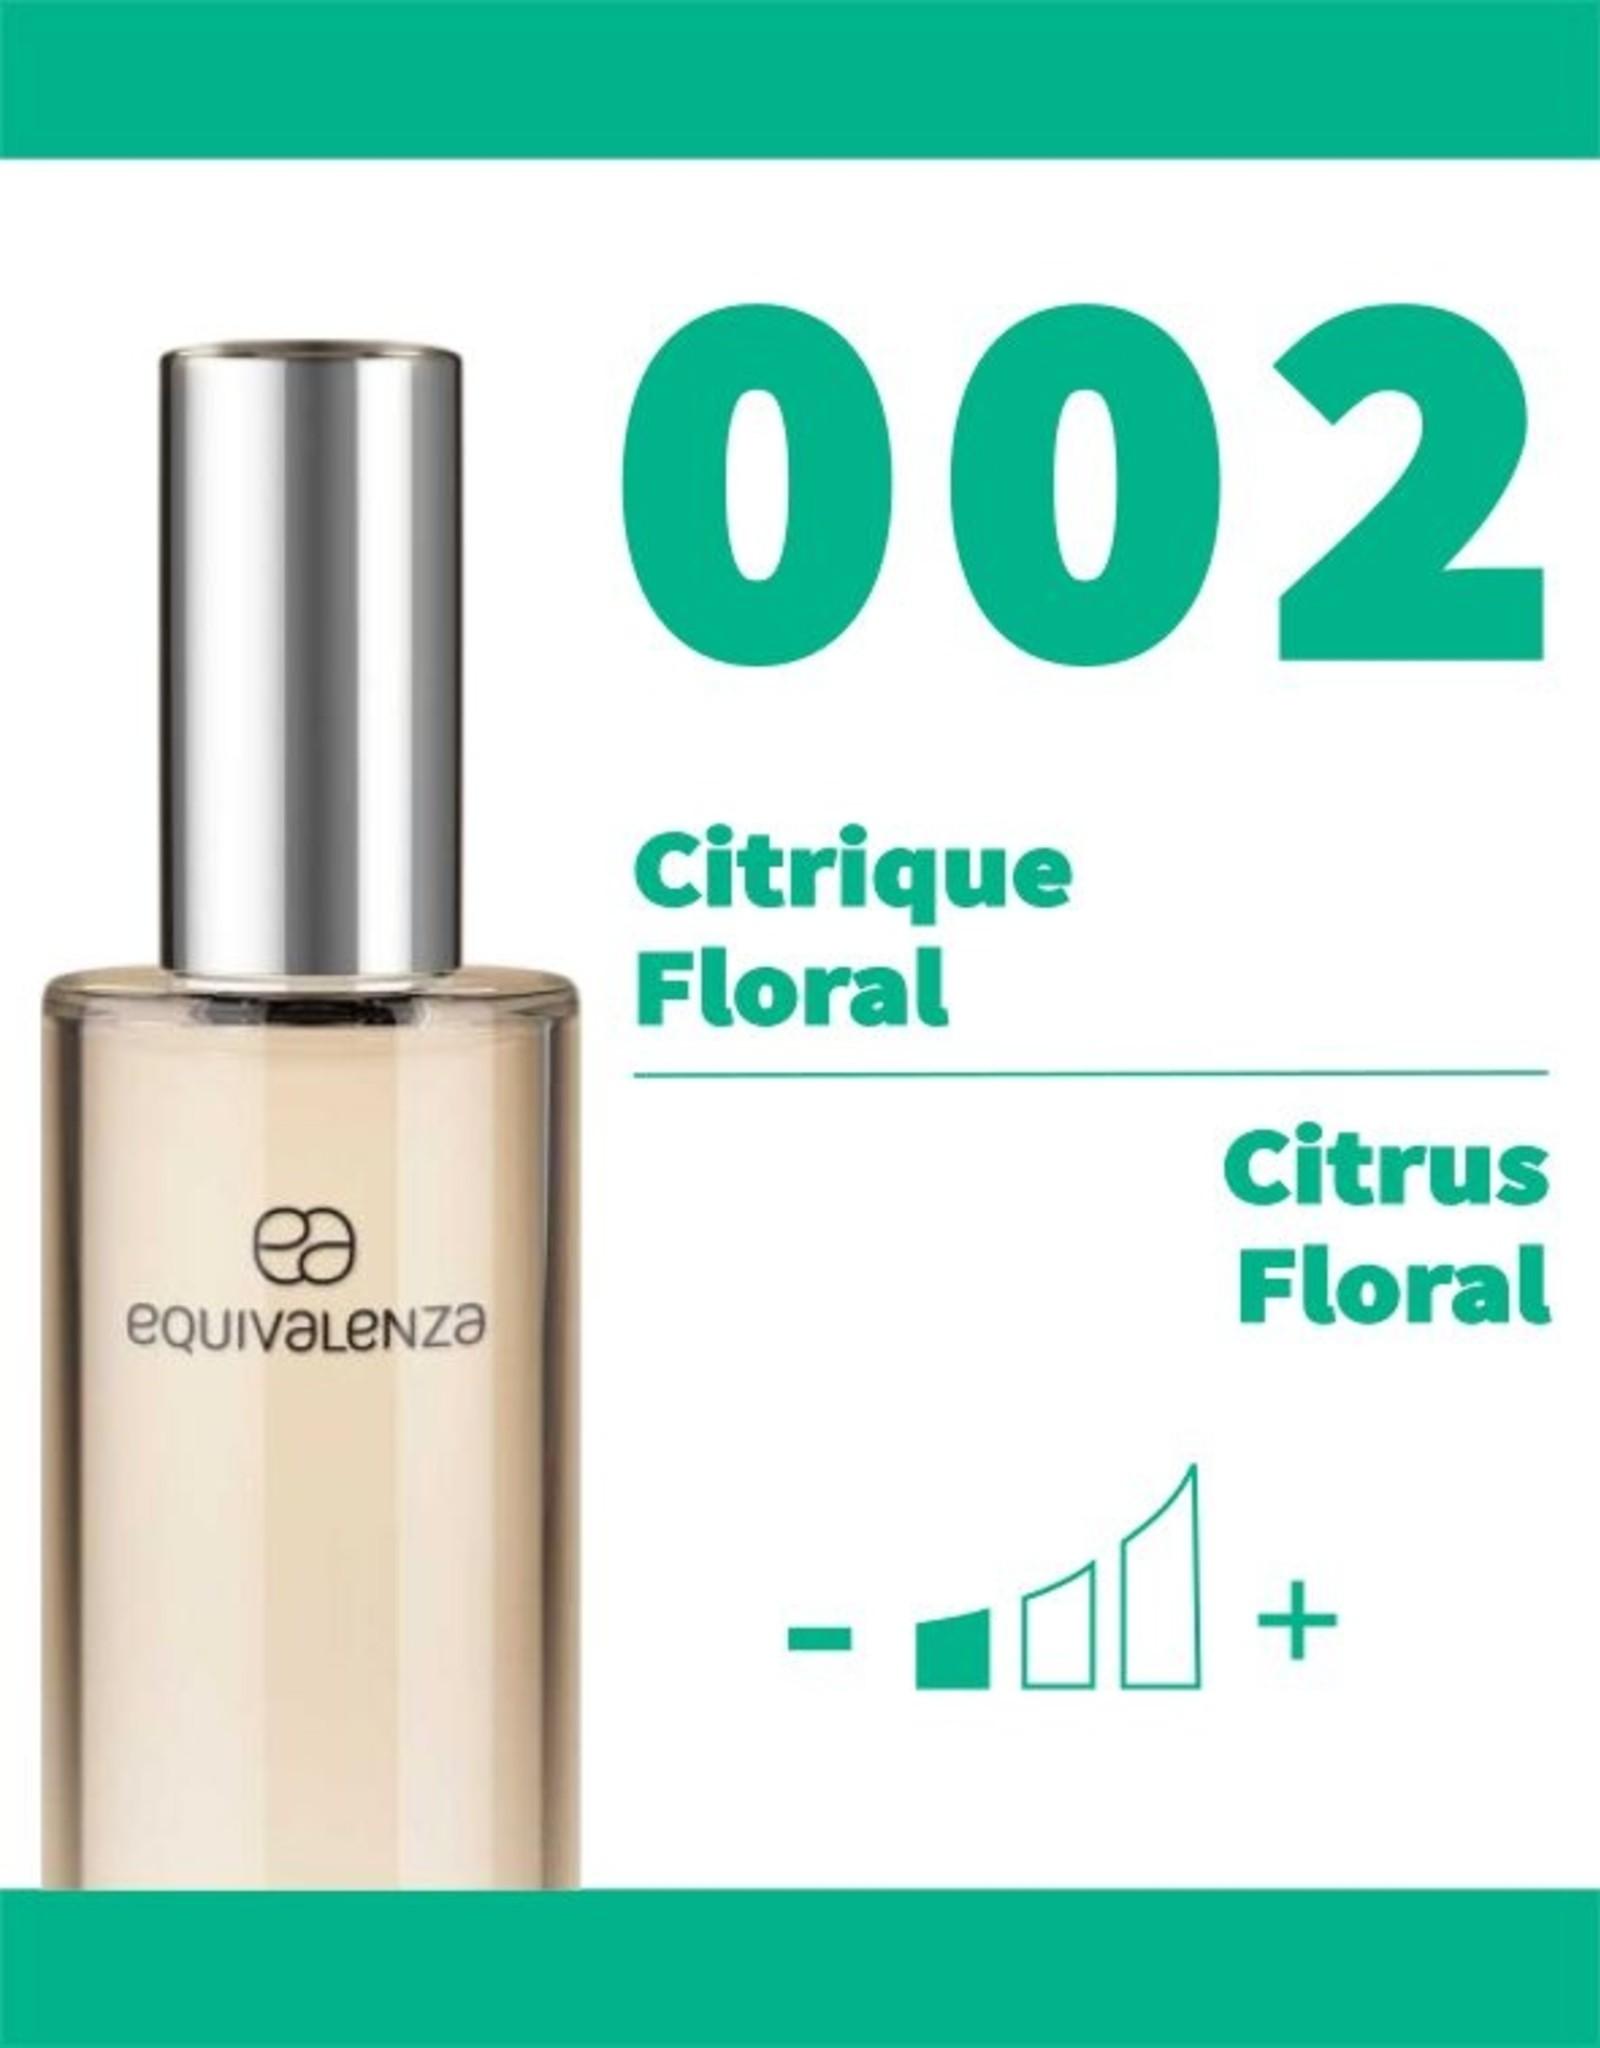 Equivalenza Citrique Floral 002